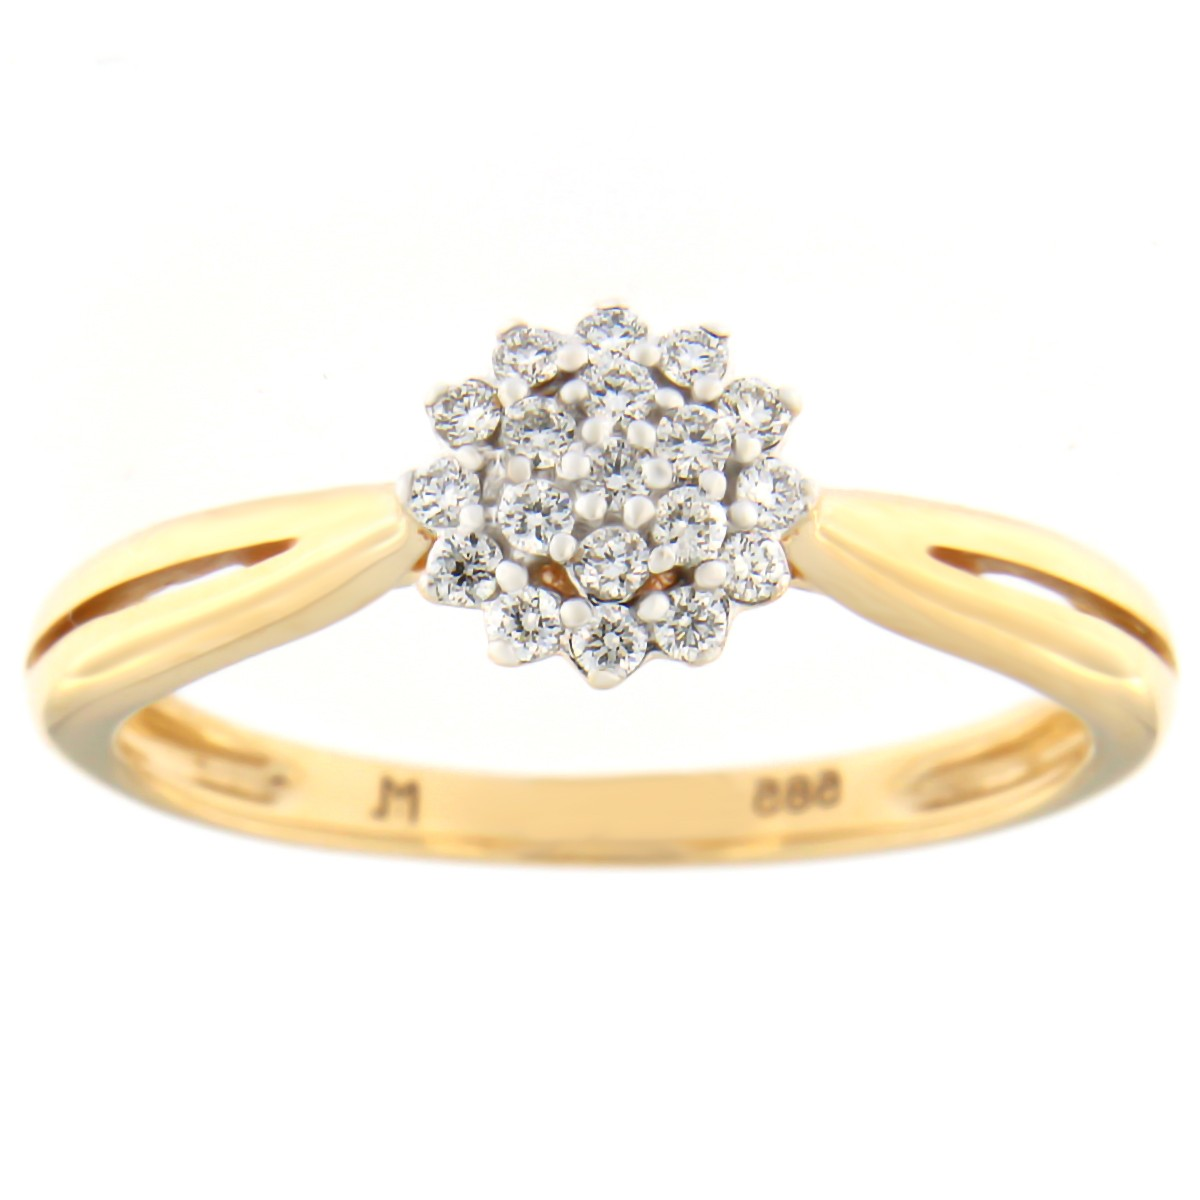 Kullast sõrmus teemantidega 0,15 ct. Kood: 77at